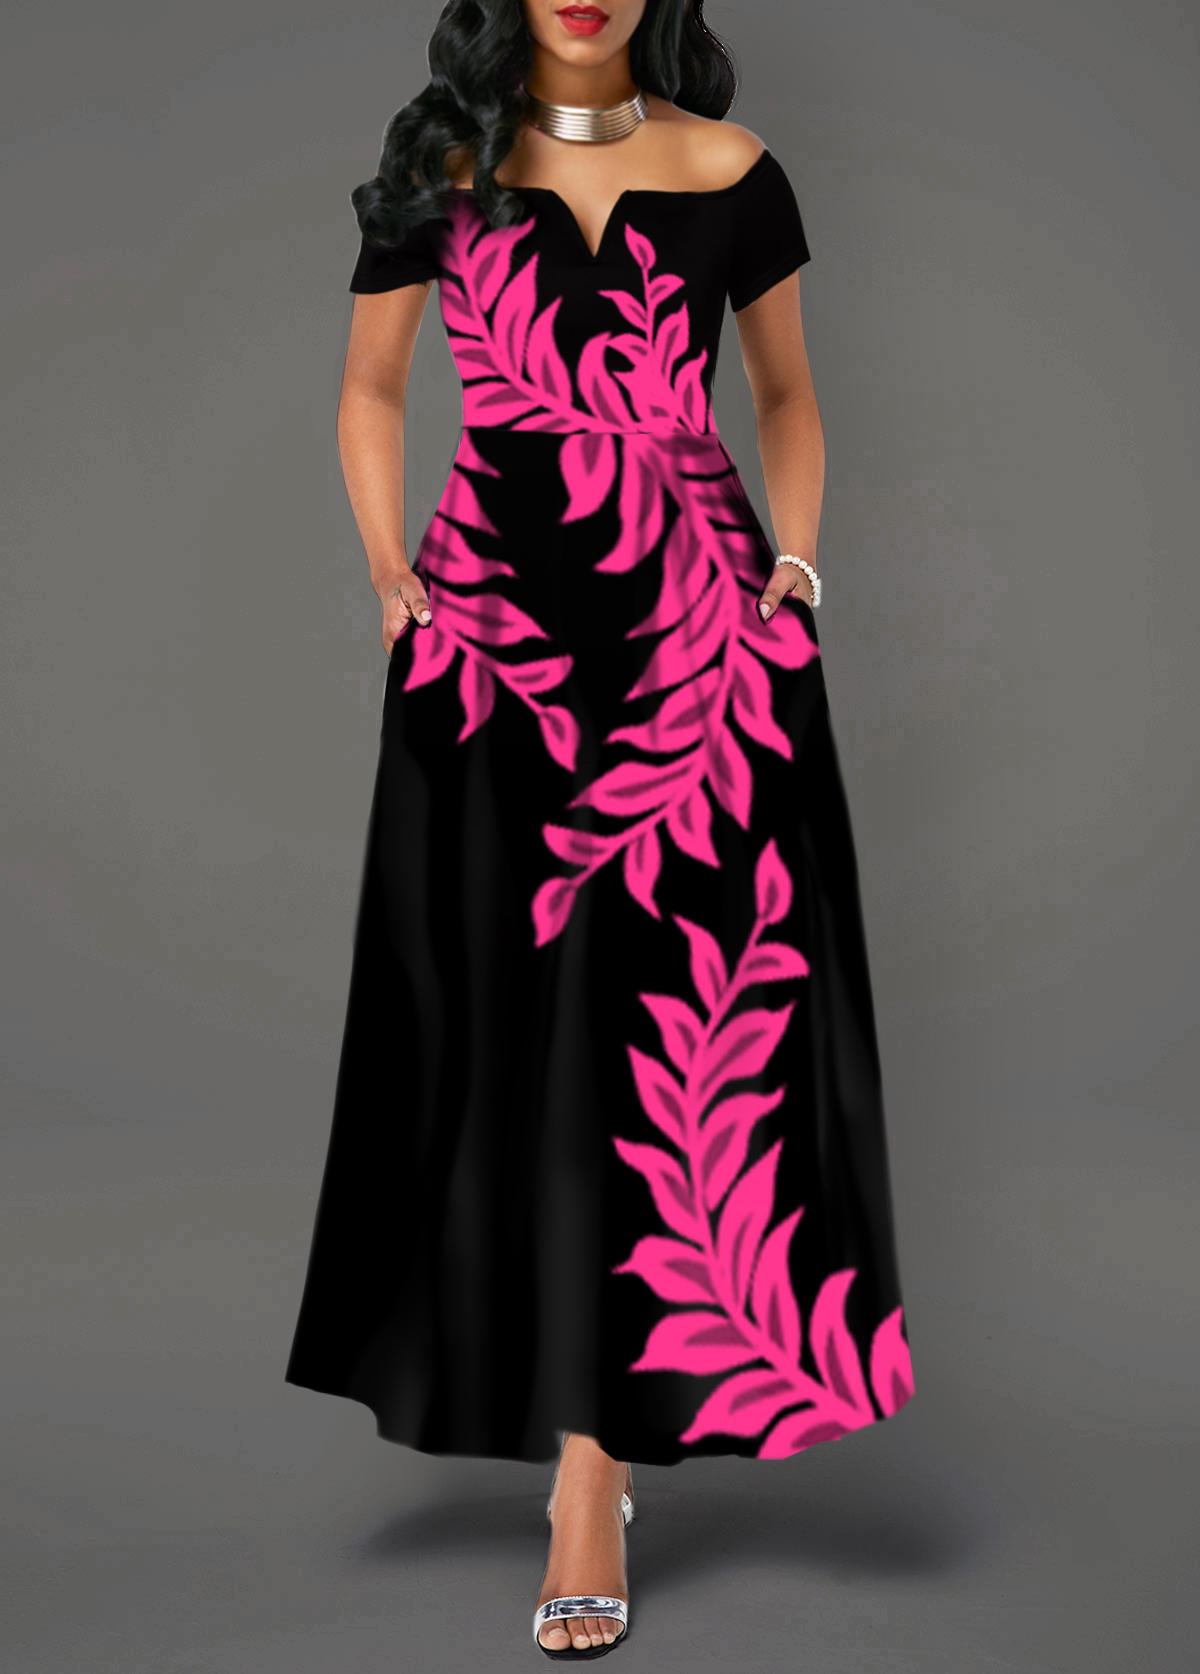 Split Neck Printed Off The Shoulder Dress